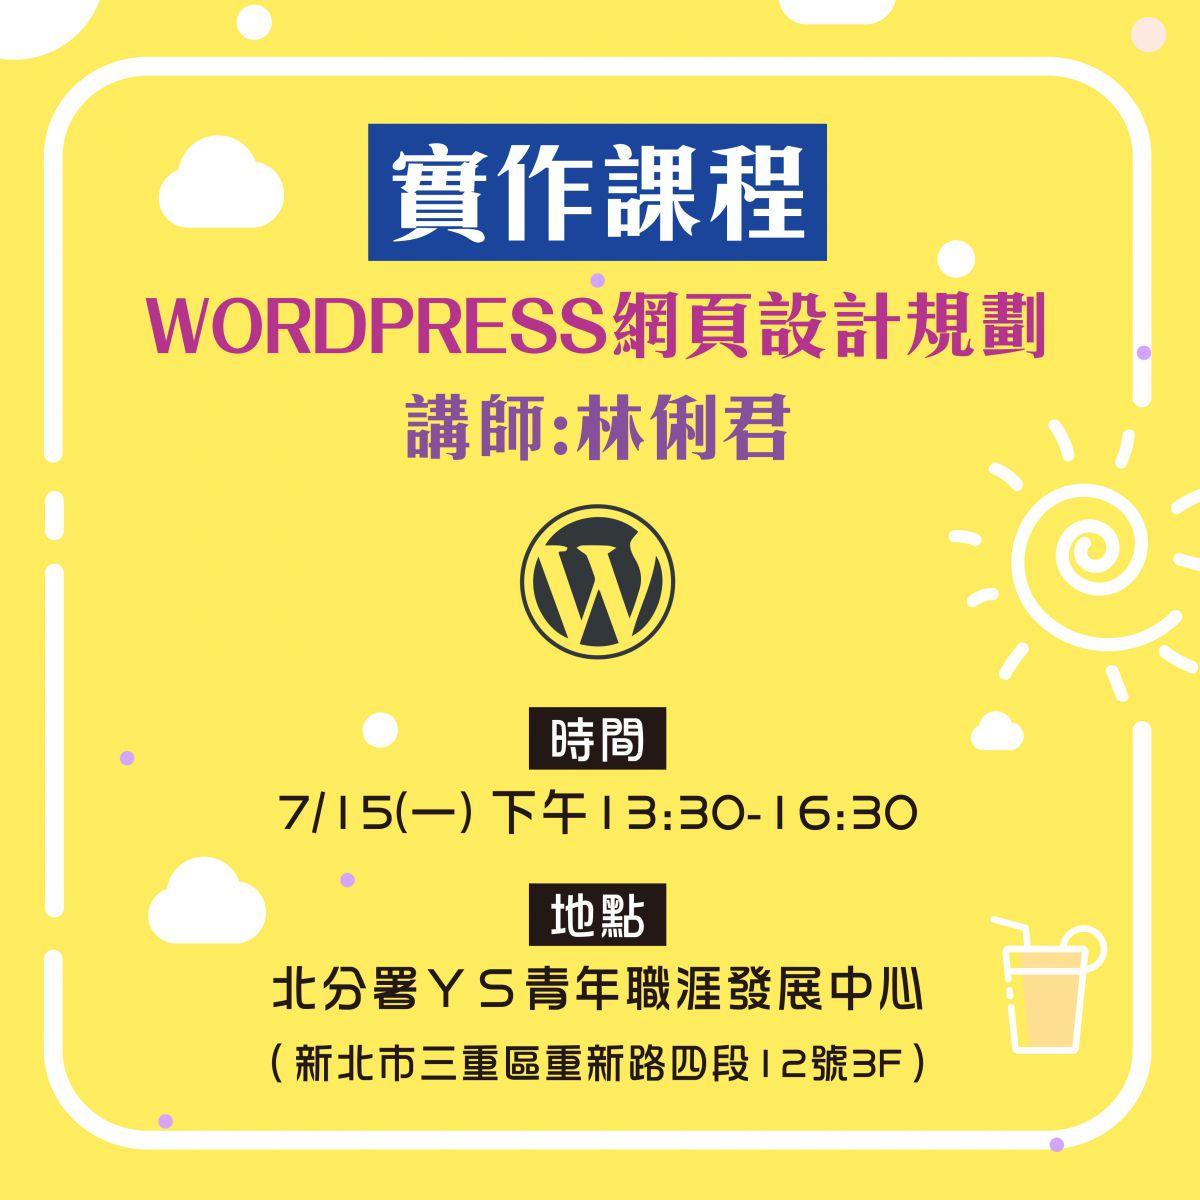 WordPress實作課程